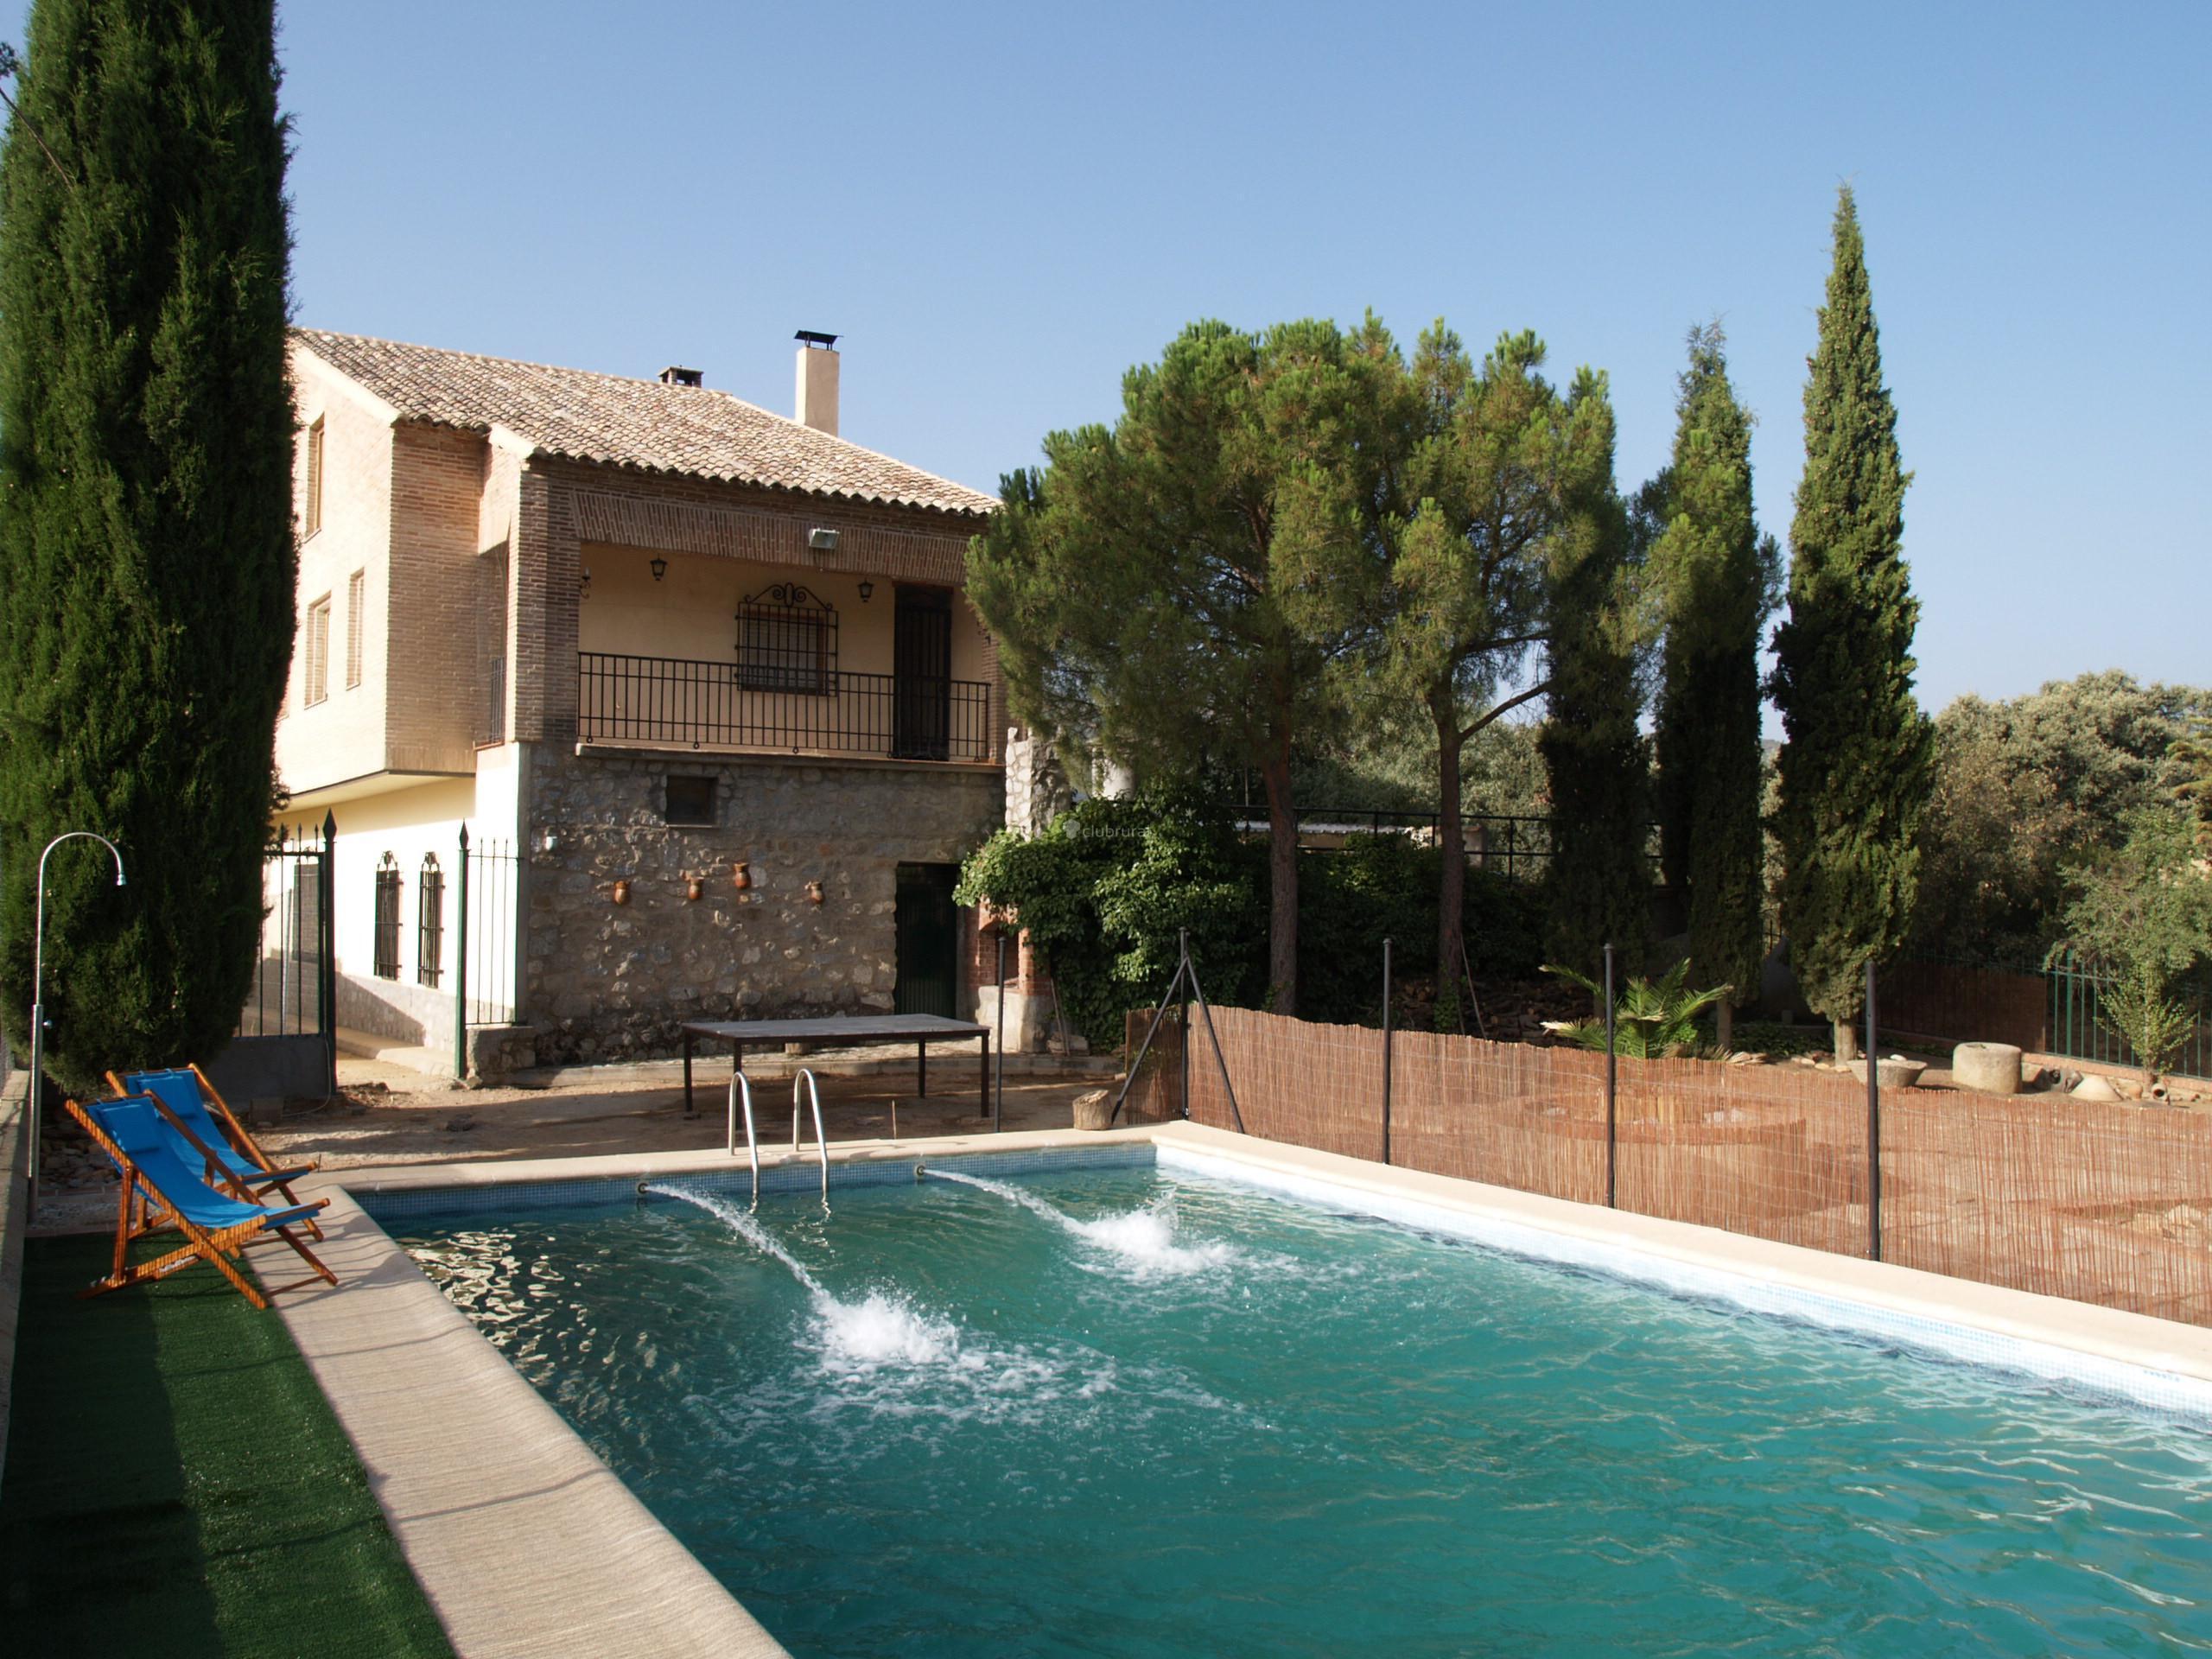 Fotos de virgen del rosario toledo madridejos clubrural - Casa rural toledo piscina ...